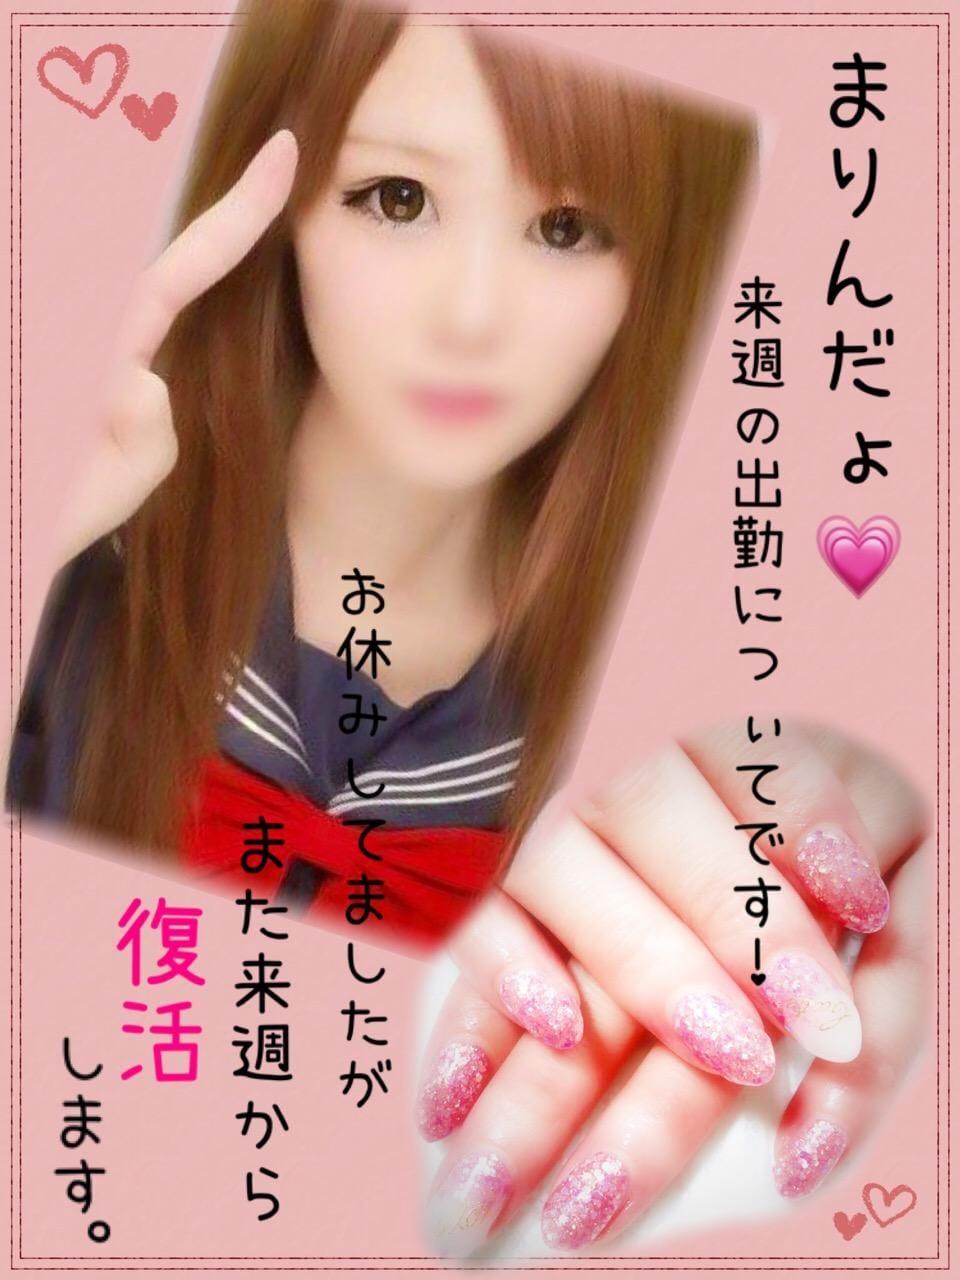 「こんばんわ♡」11/15(金) 22:37 | 超絶S級美女!まりんの写メ・風俗動画